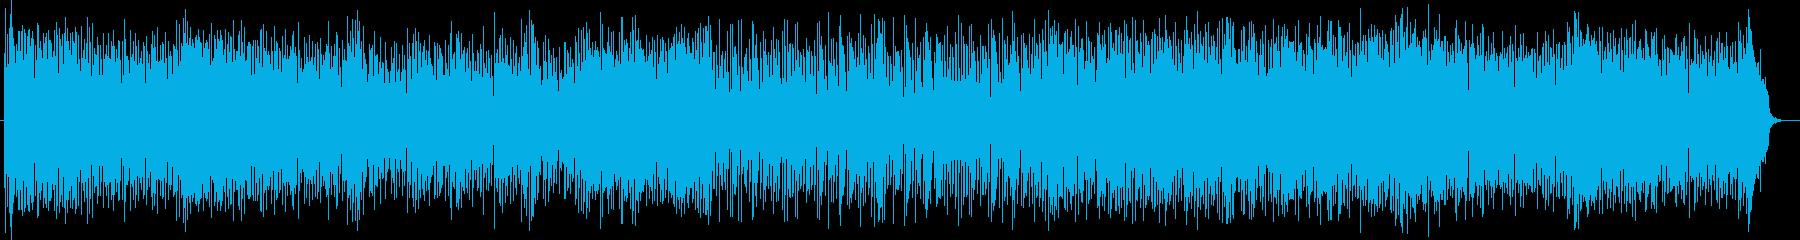 沖縄民謡風の陽気なポップスの再生済みの波形